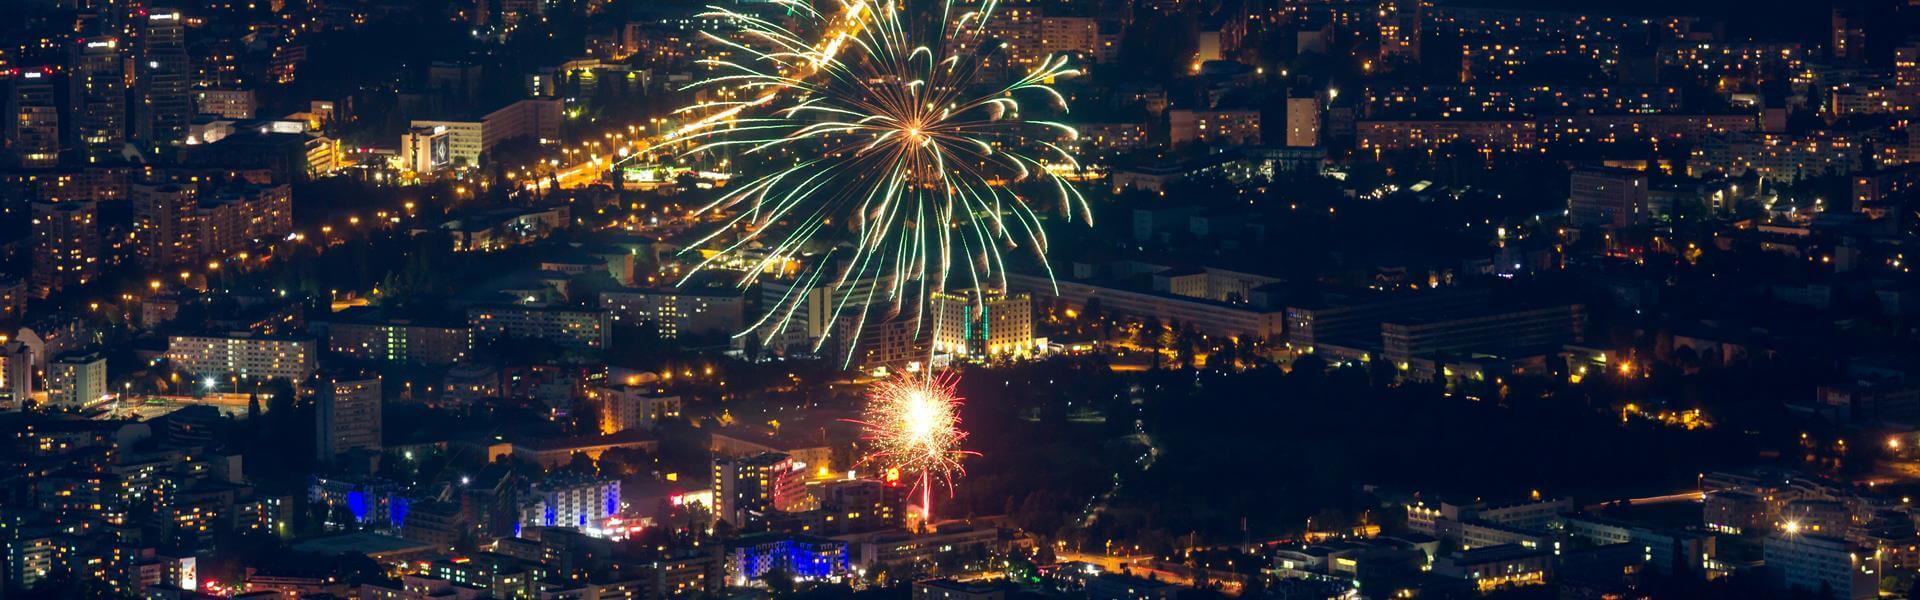 Nova Godina Guliver Turisticka Agencija Podgorica